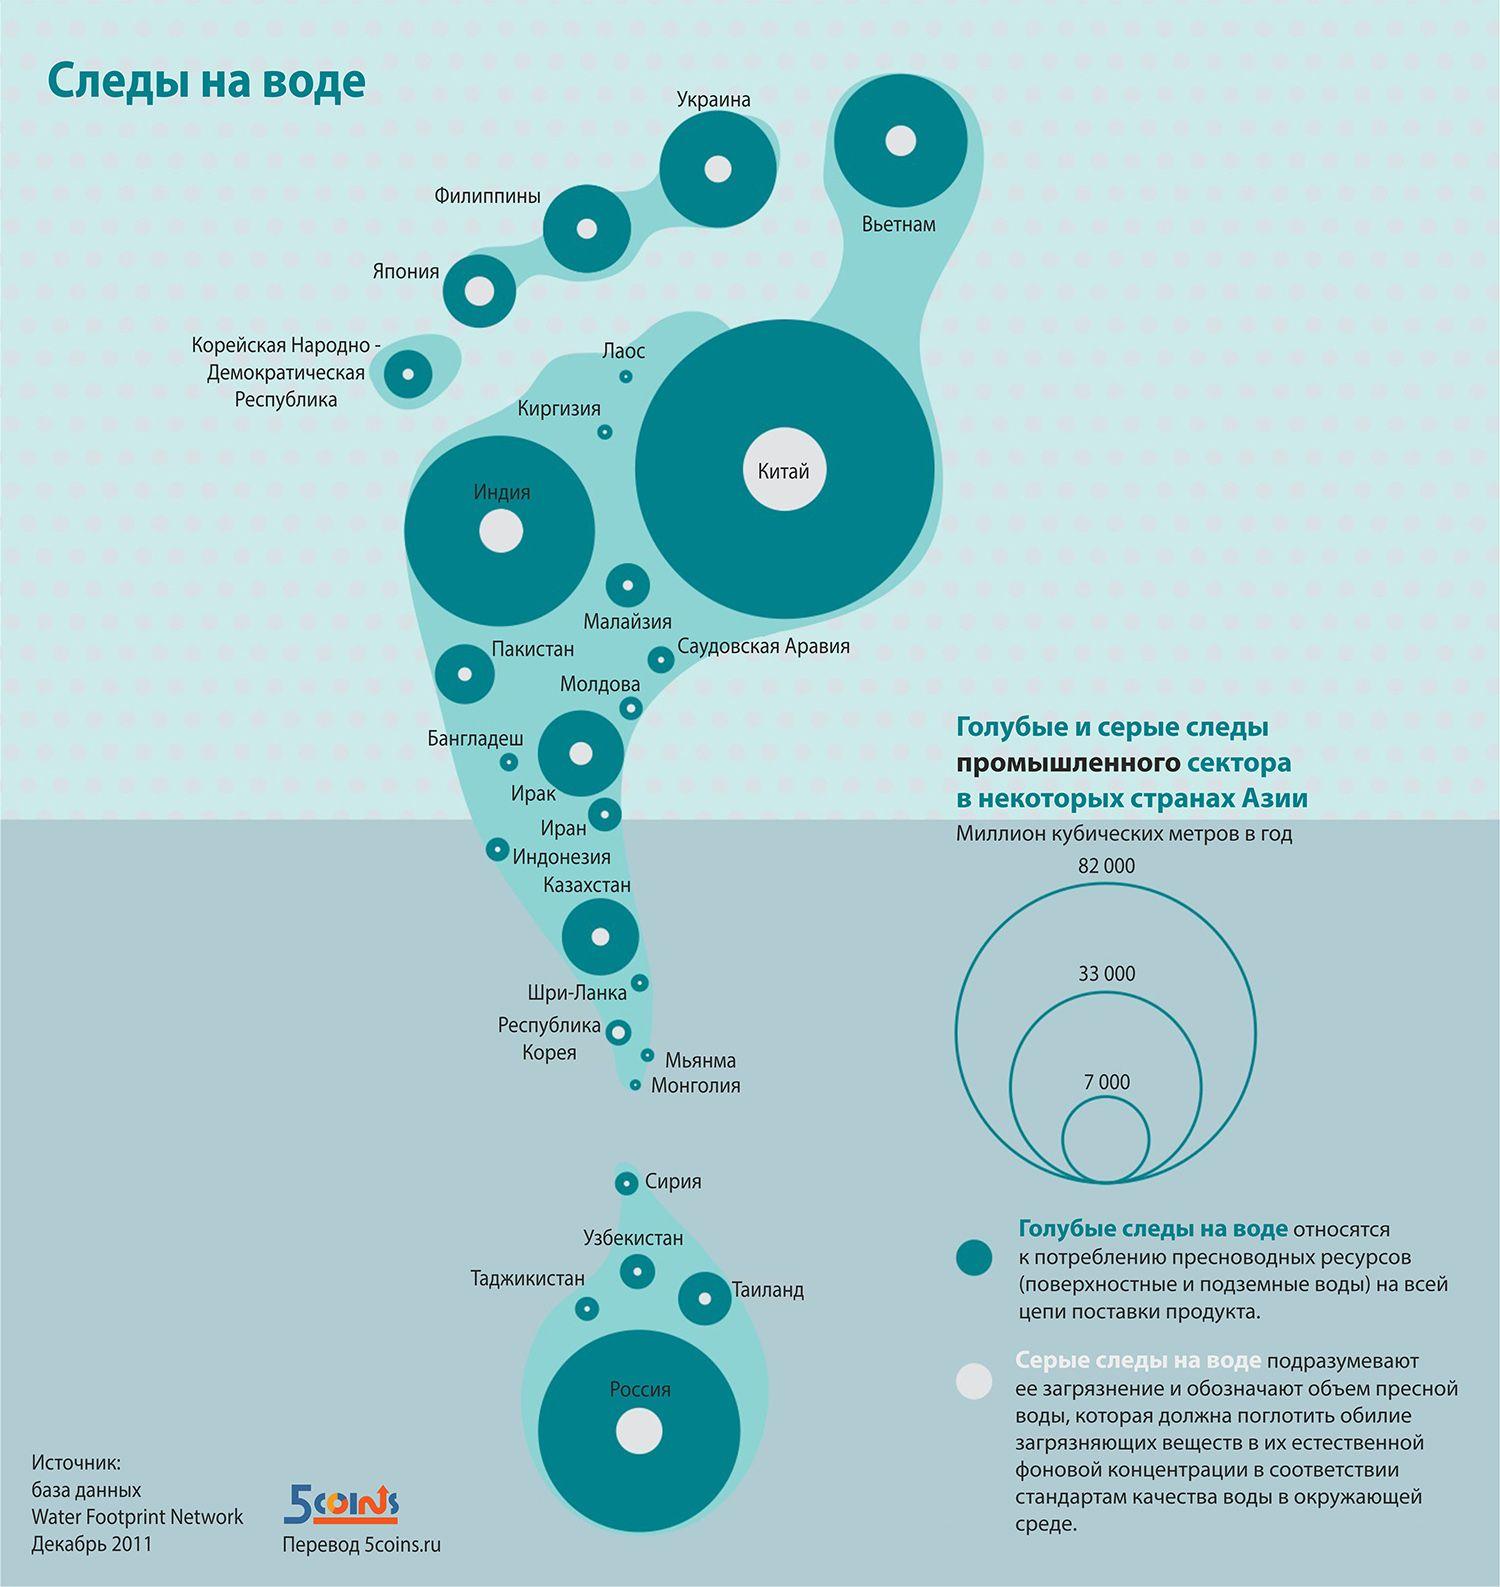 Инфографика: Следы на воде